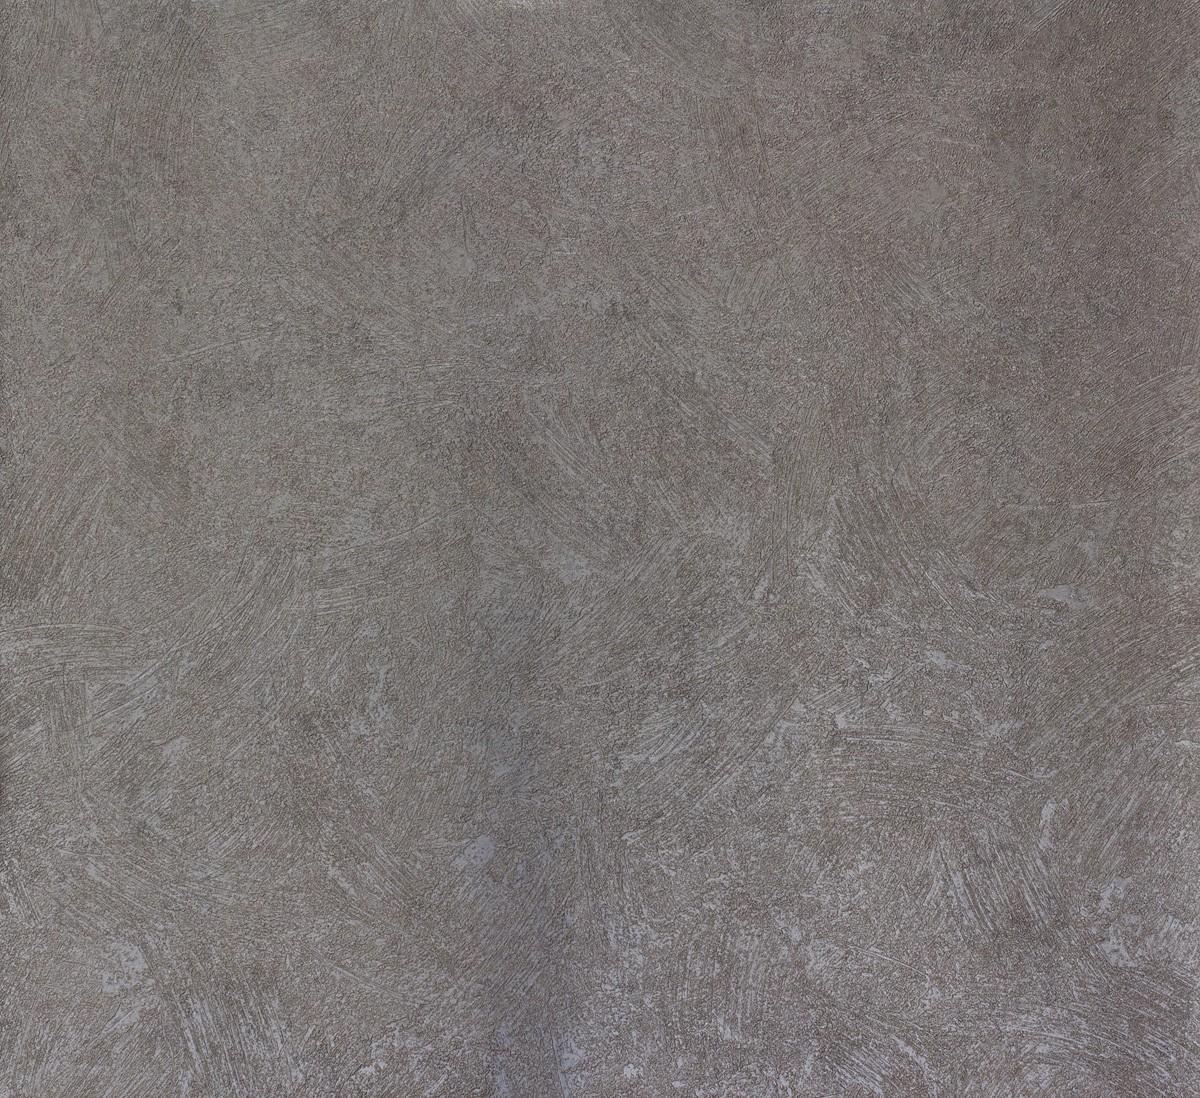 Vliestapete grau metallic uni marburg 56834 - Vliestapete grau ...